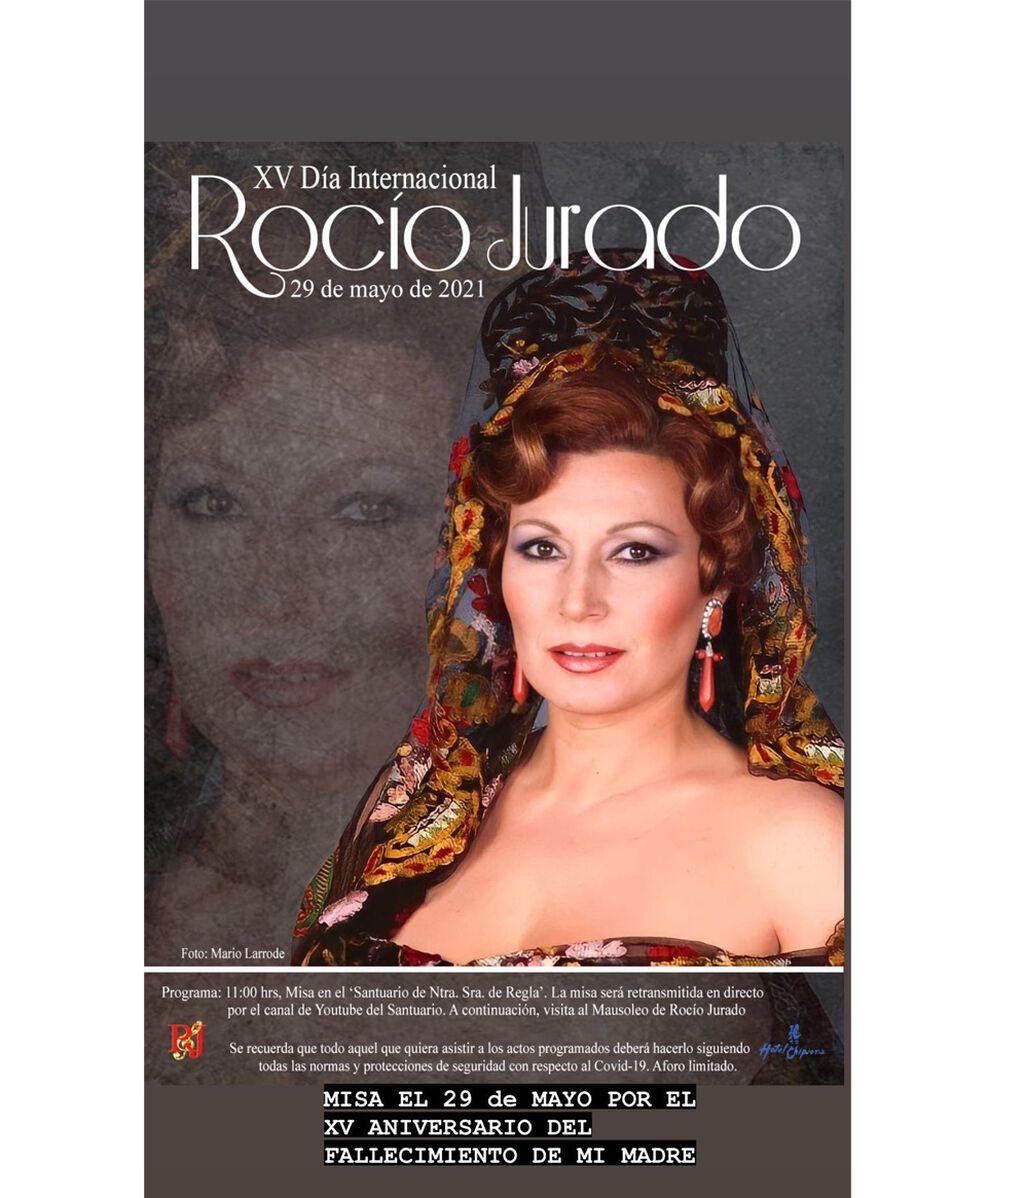 Cartel que ha mostrado Gloria Camila con el homenaje que se hará a Rocío Jurado